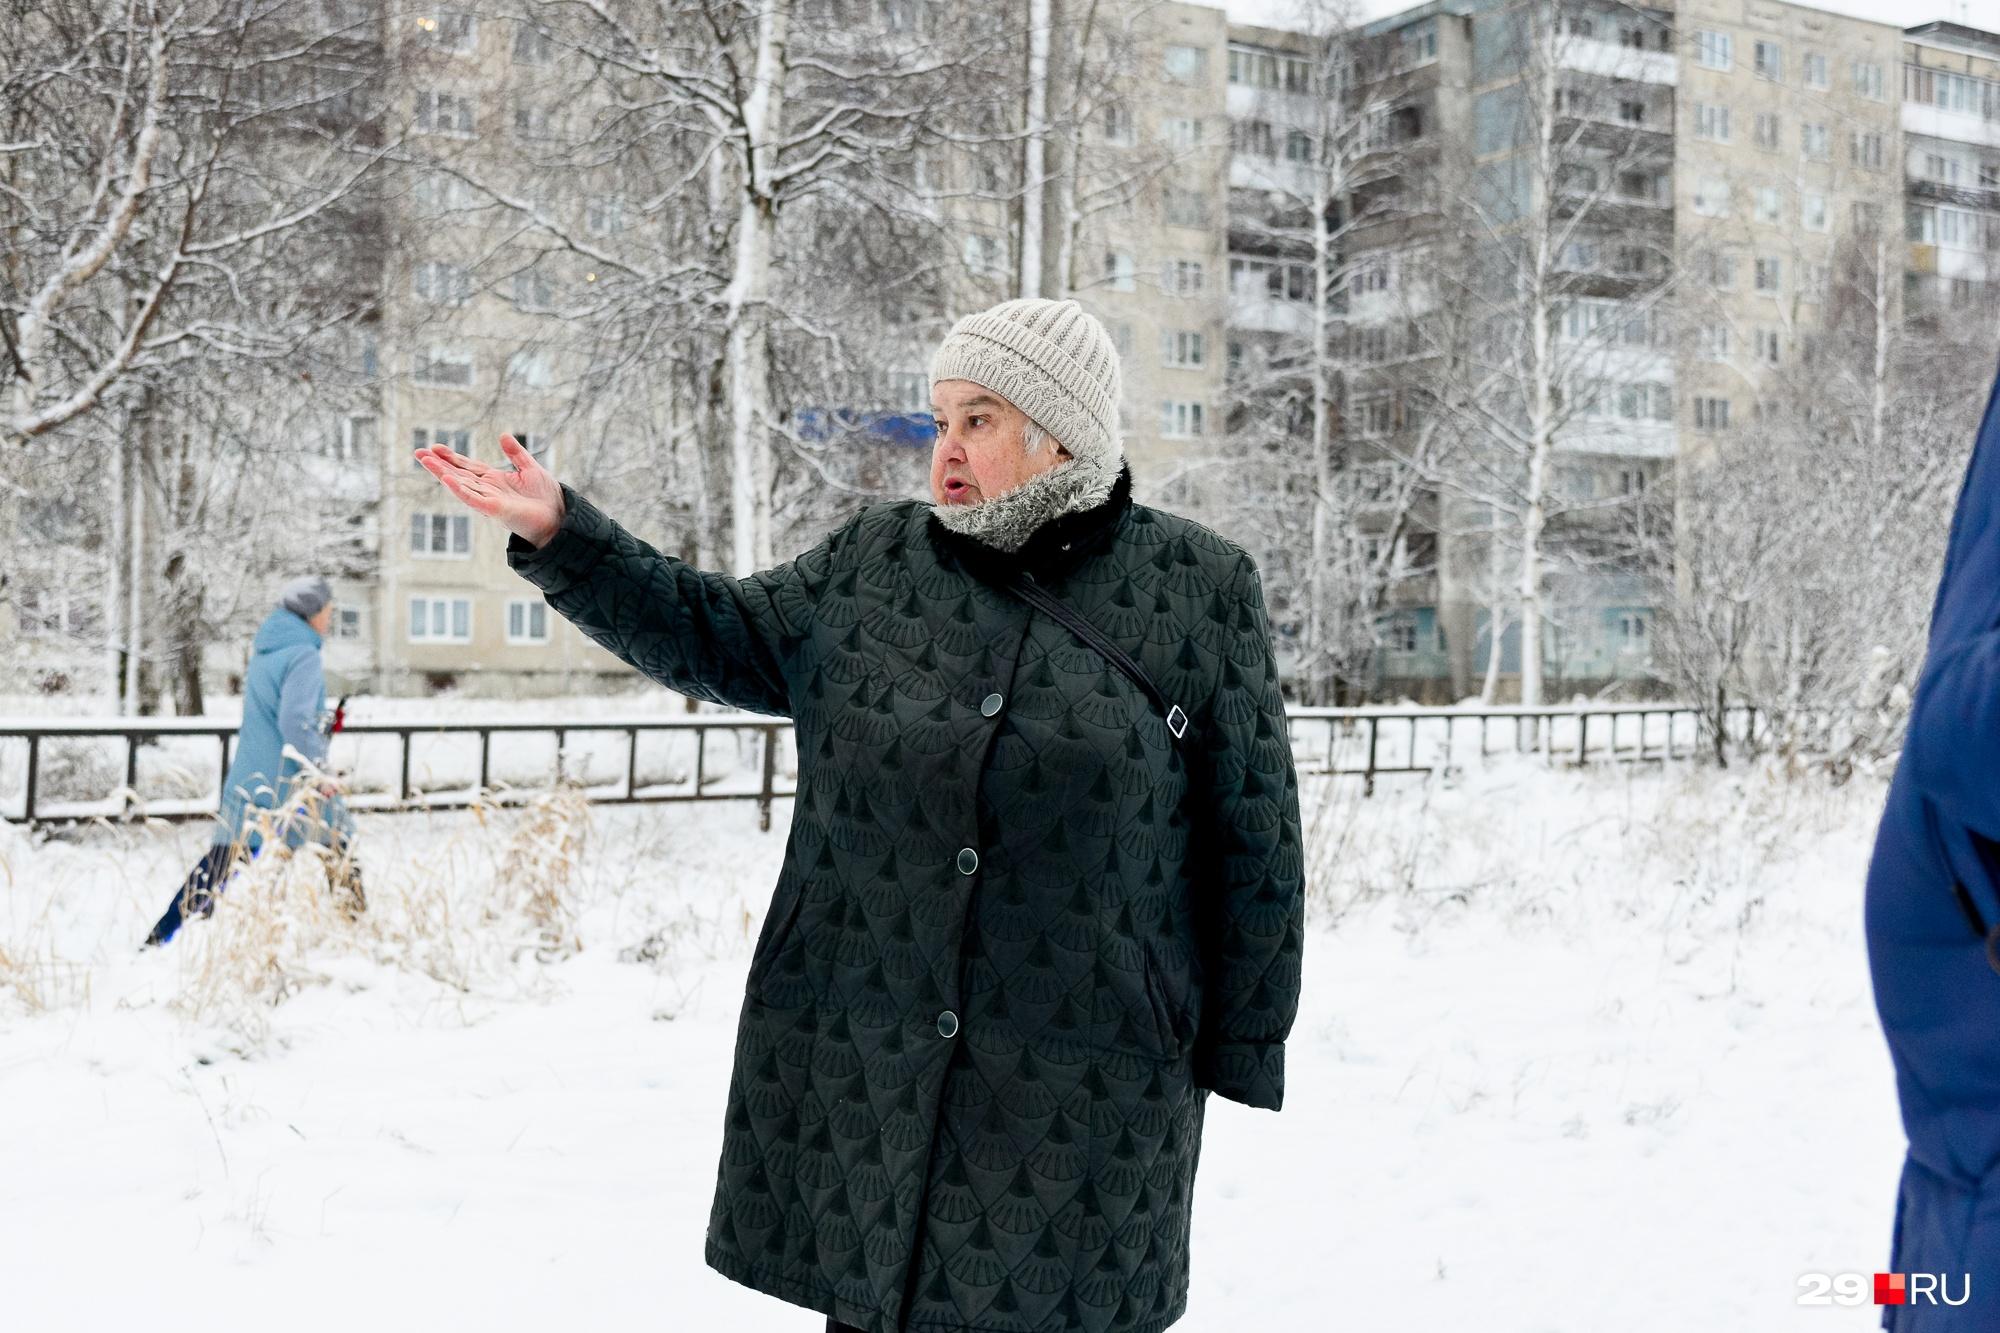 Людмила Михайловна просит чистить скамейки, чтобы пенсионерам было где зимой присесть и отдохнуть